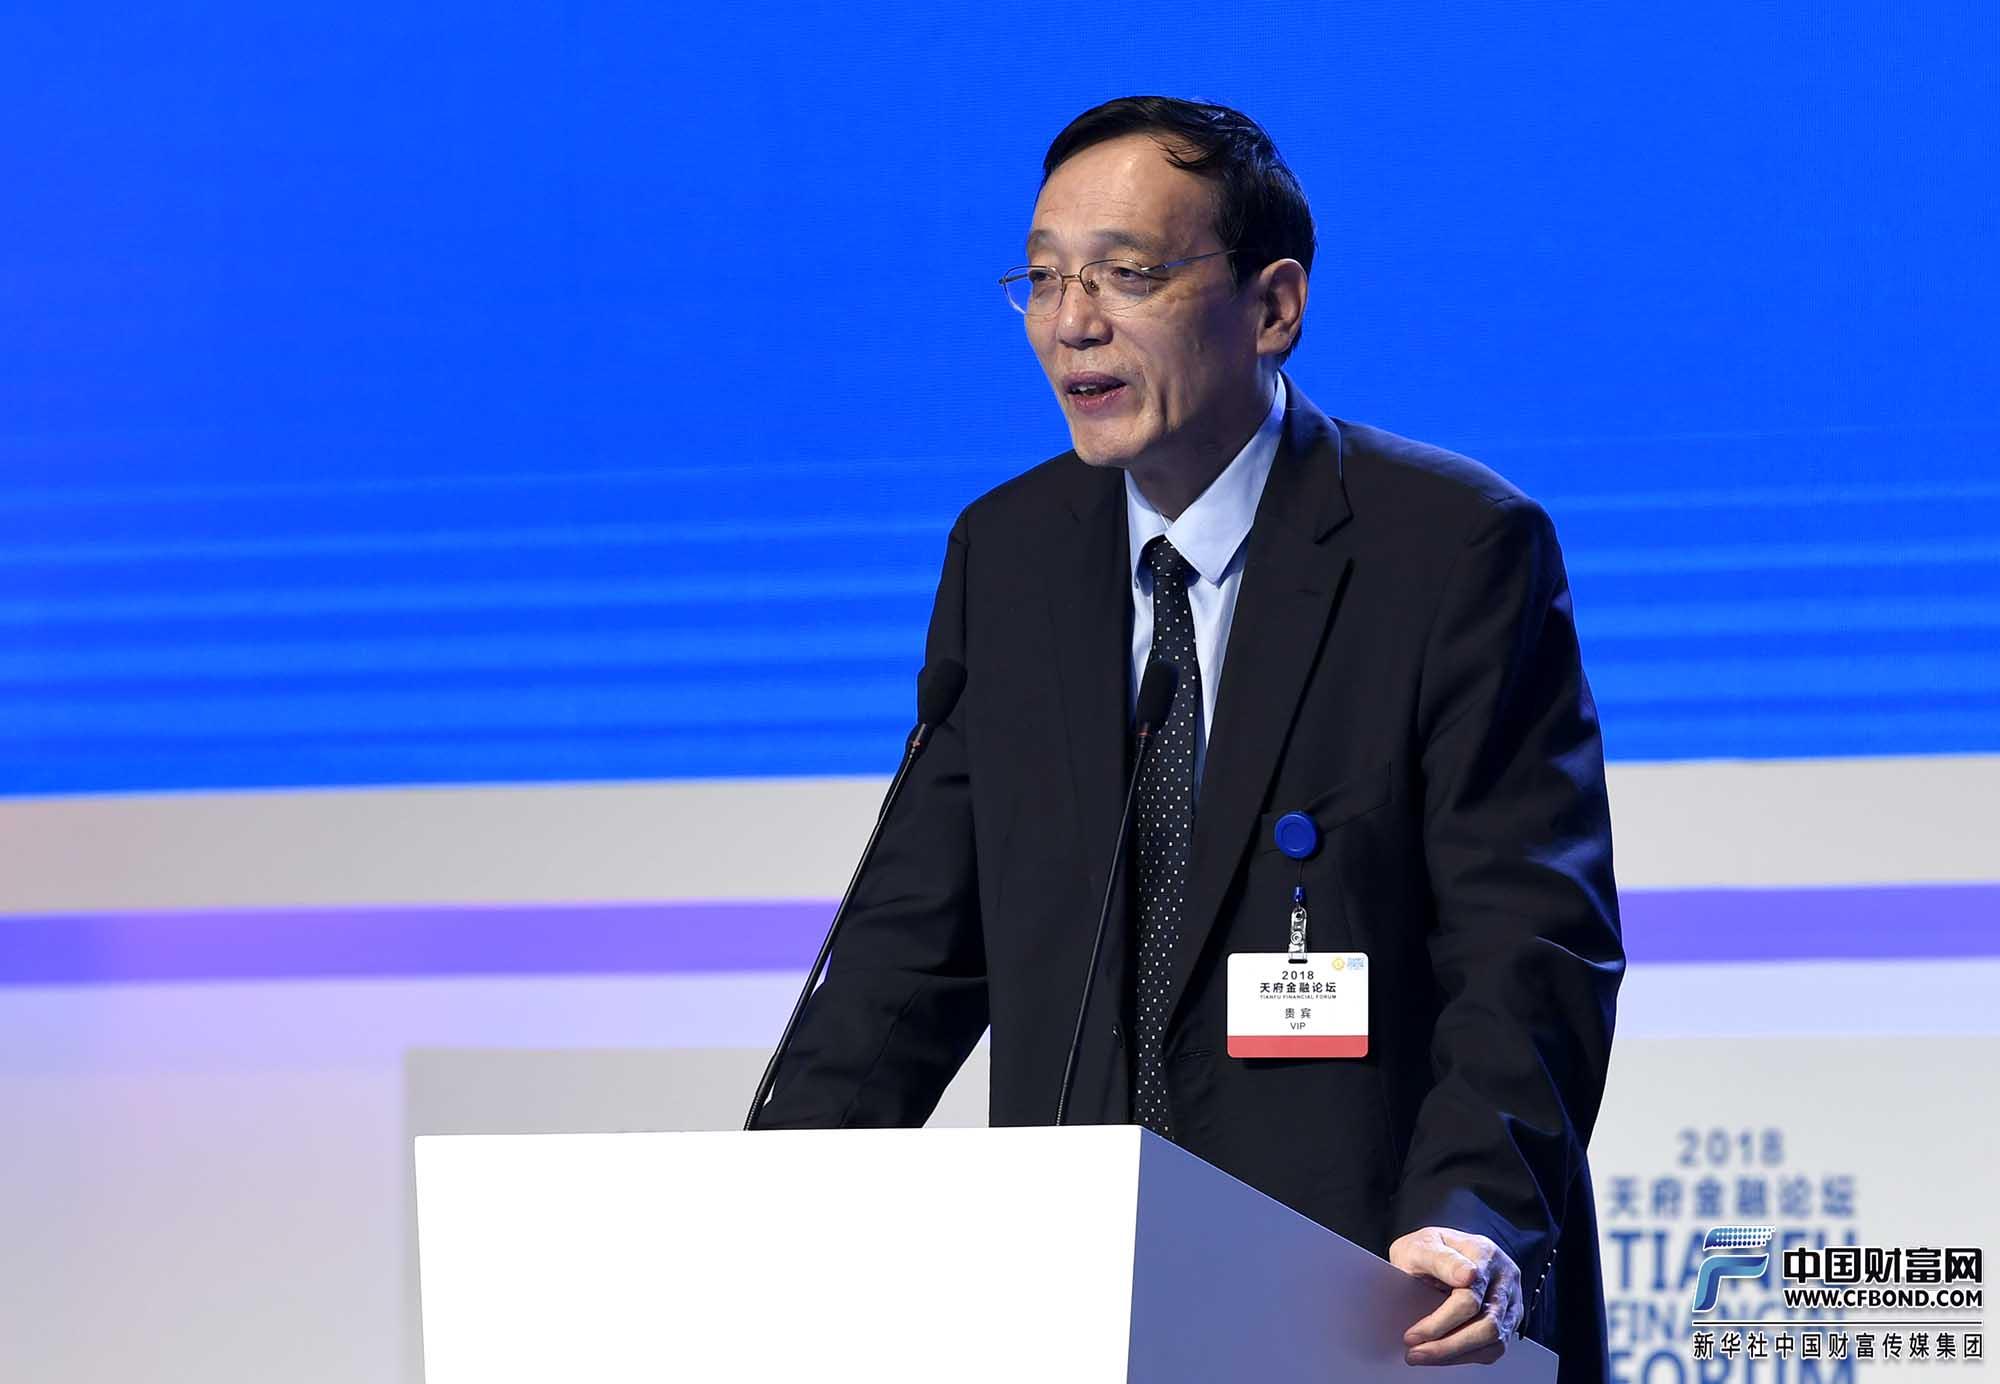 十三届全国政协经济委员会副主任、国务院发展研究中心原副主任刘世锦主旨演讲